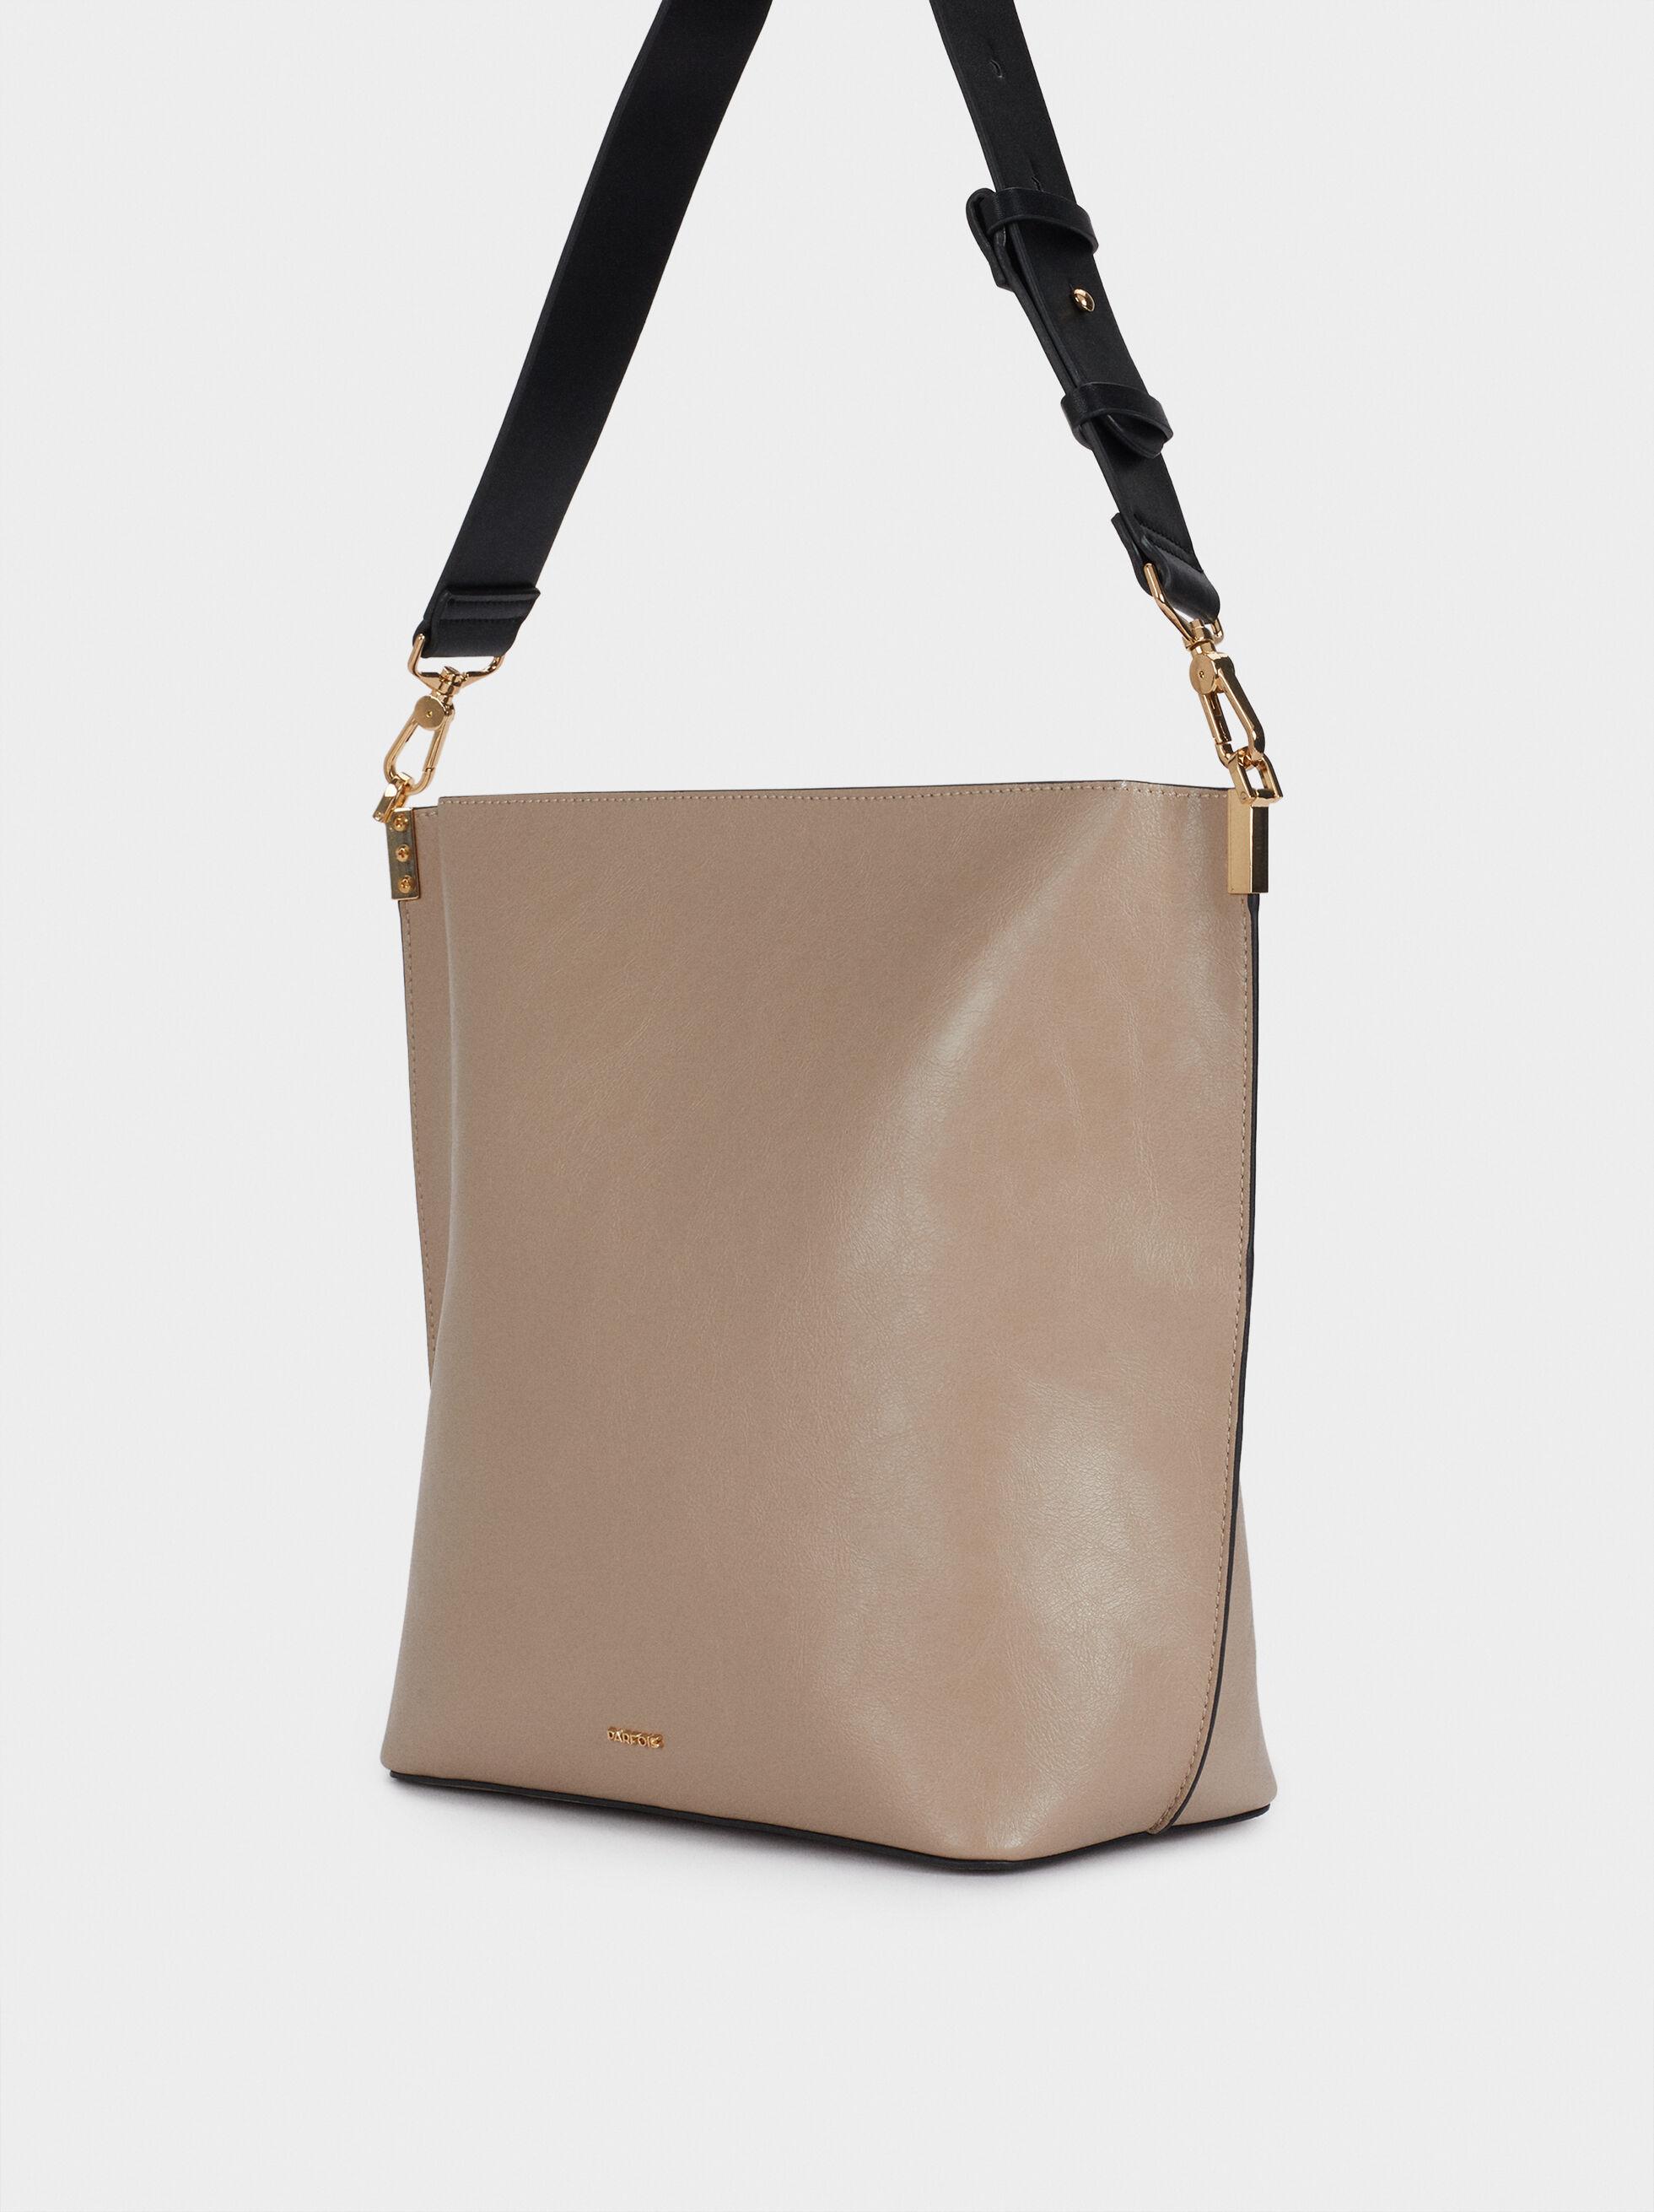 Shoulder Bag With Adjustable Strap, Ecru, hi-res